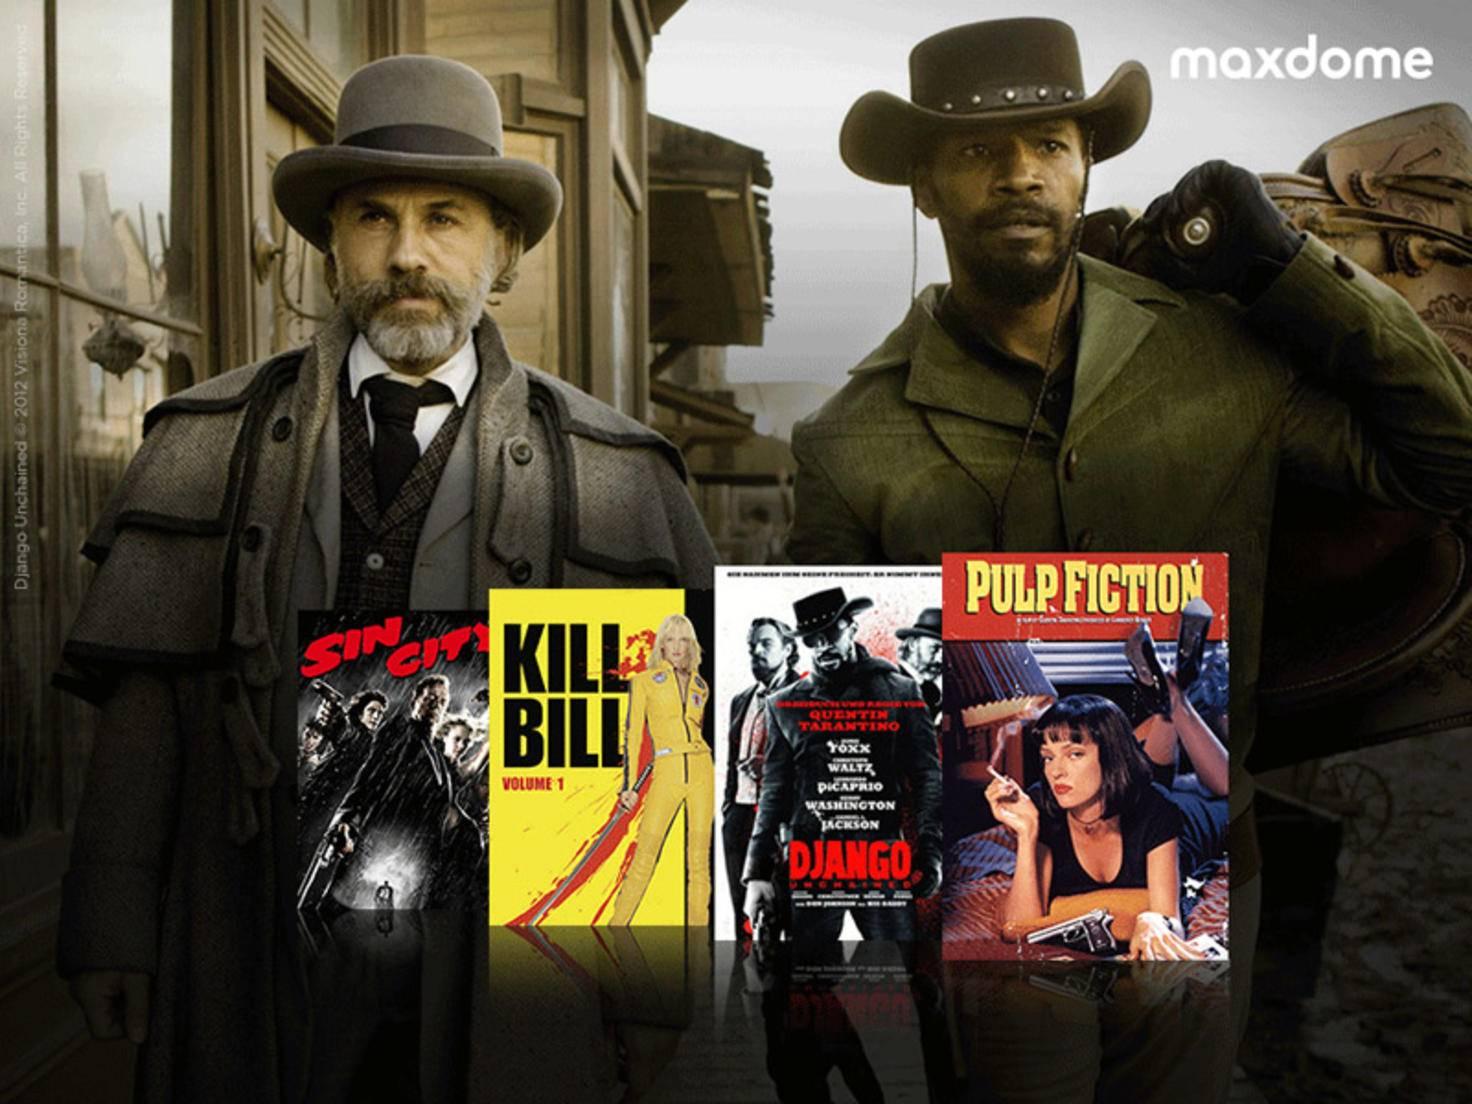 Netflix Maxdome Oder Amazon Prime